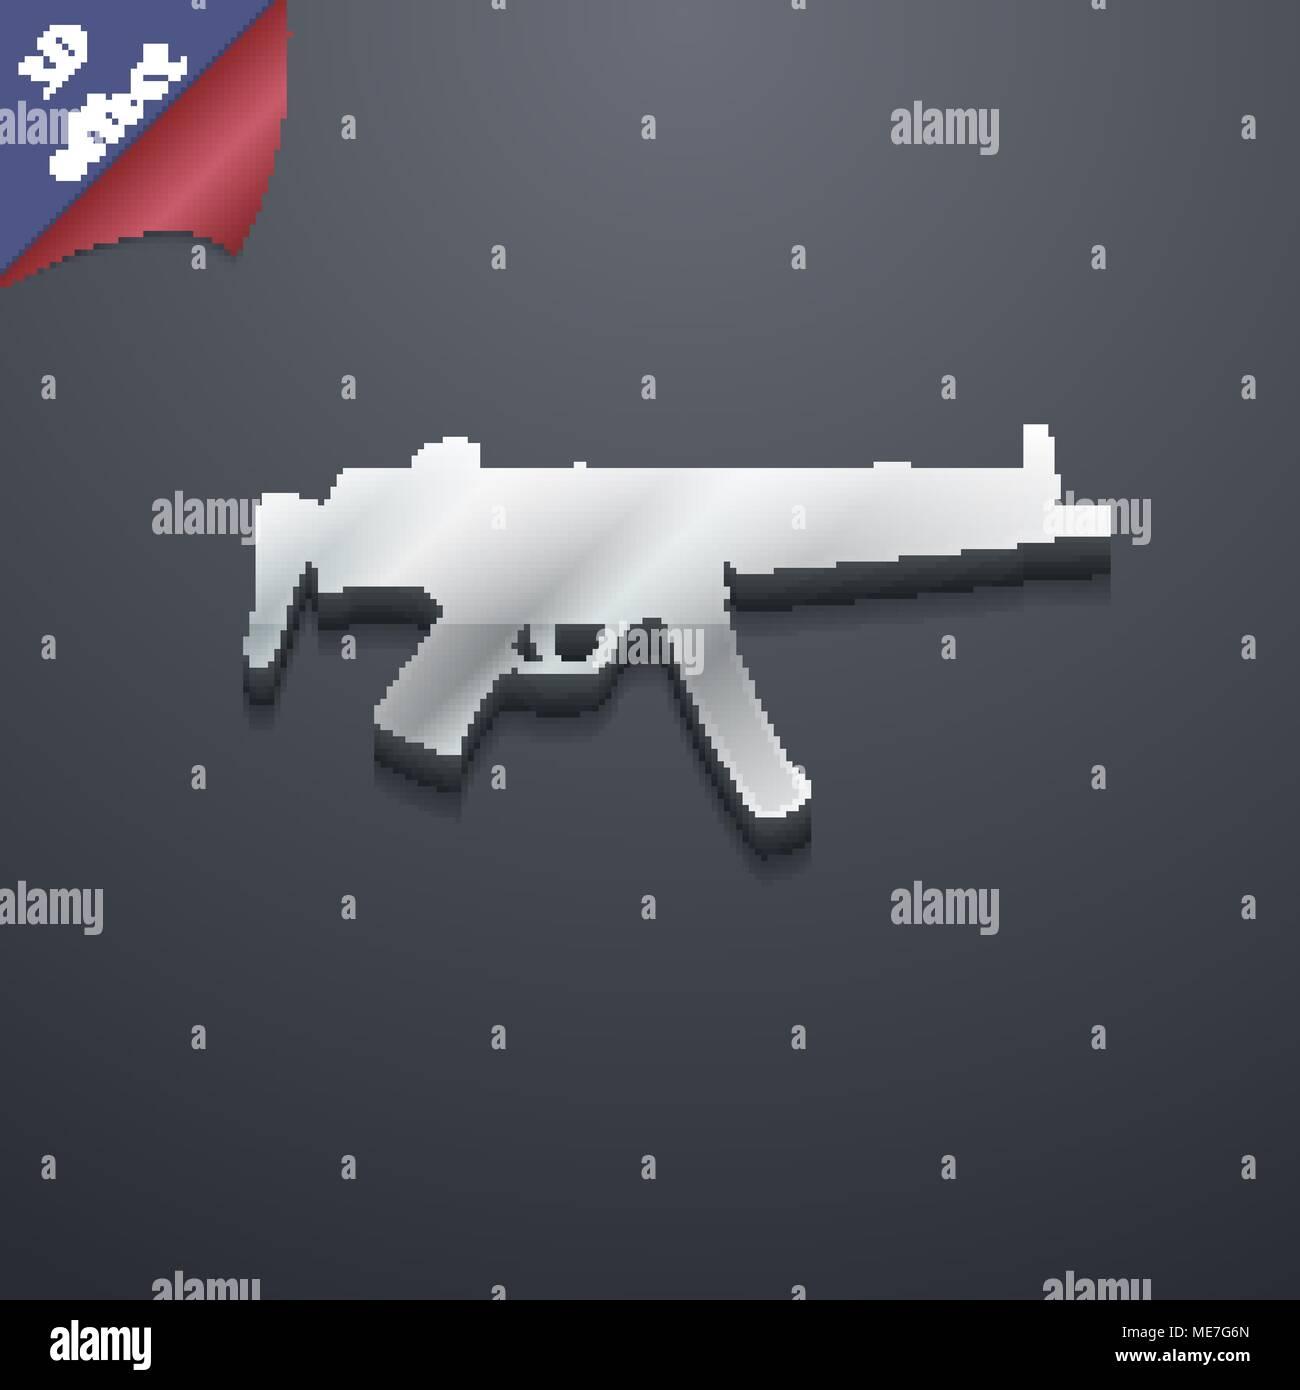 machine gun icon symbol  3D style  Trendy, modern design